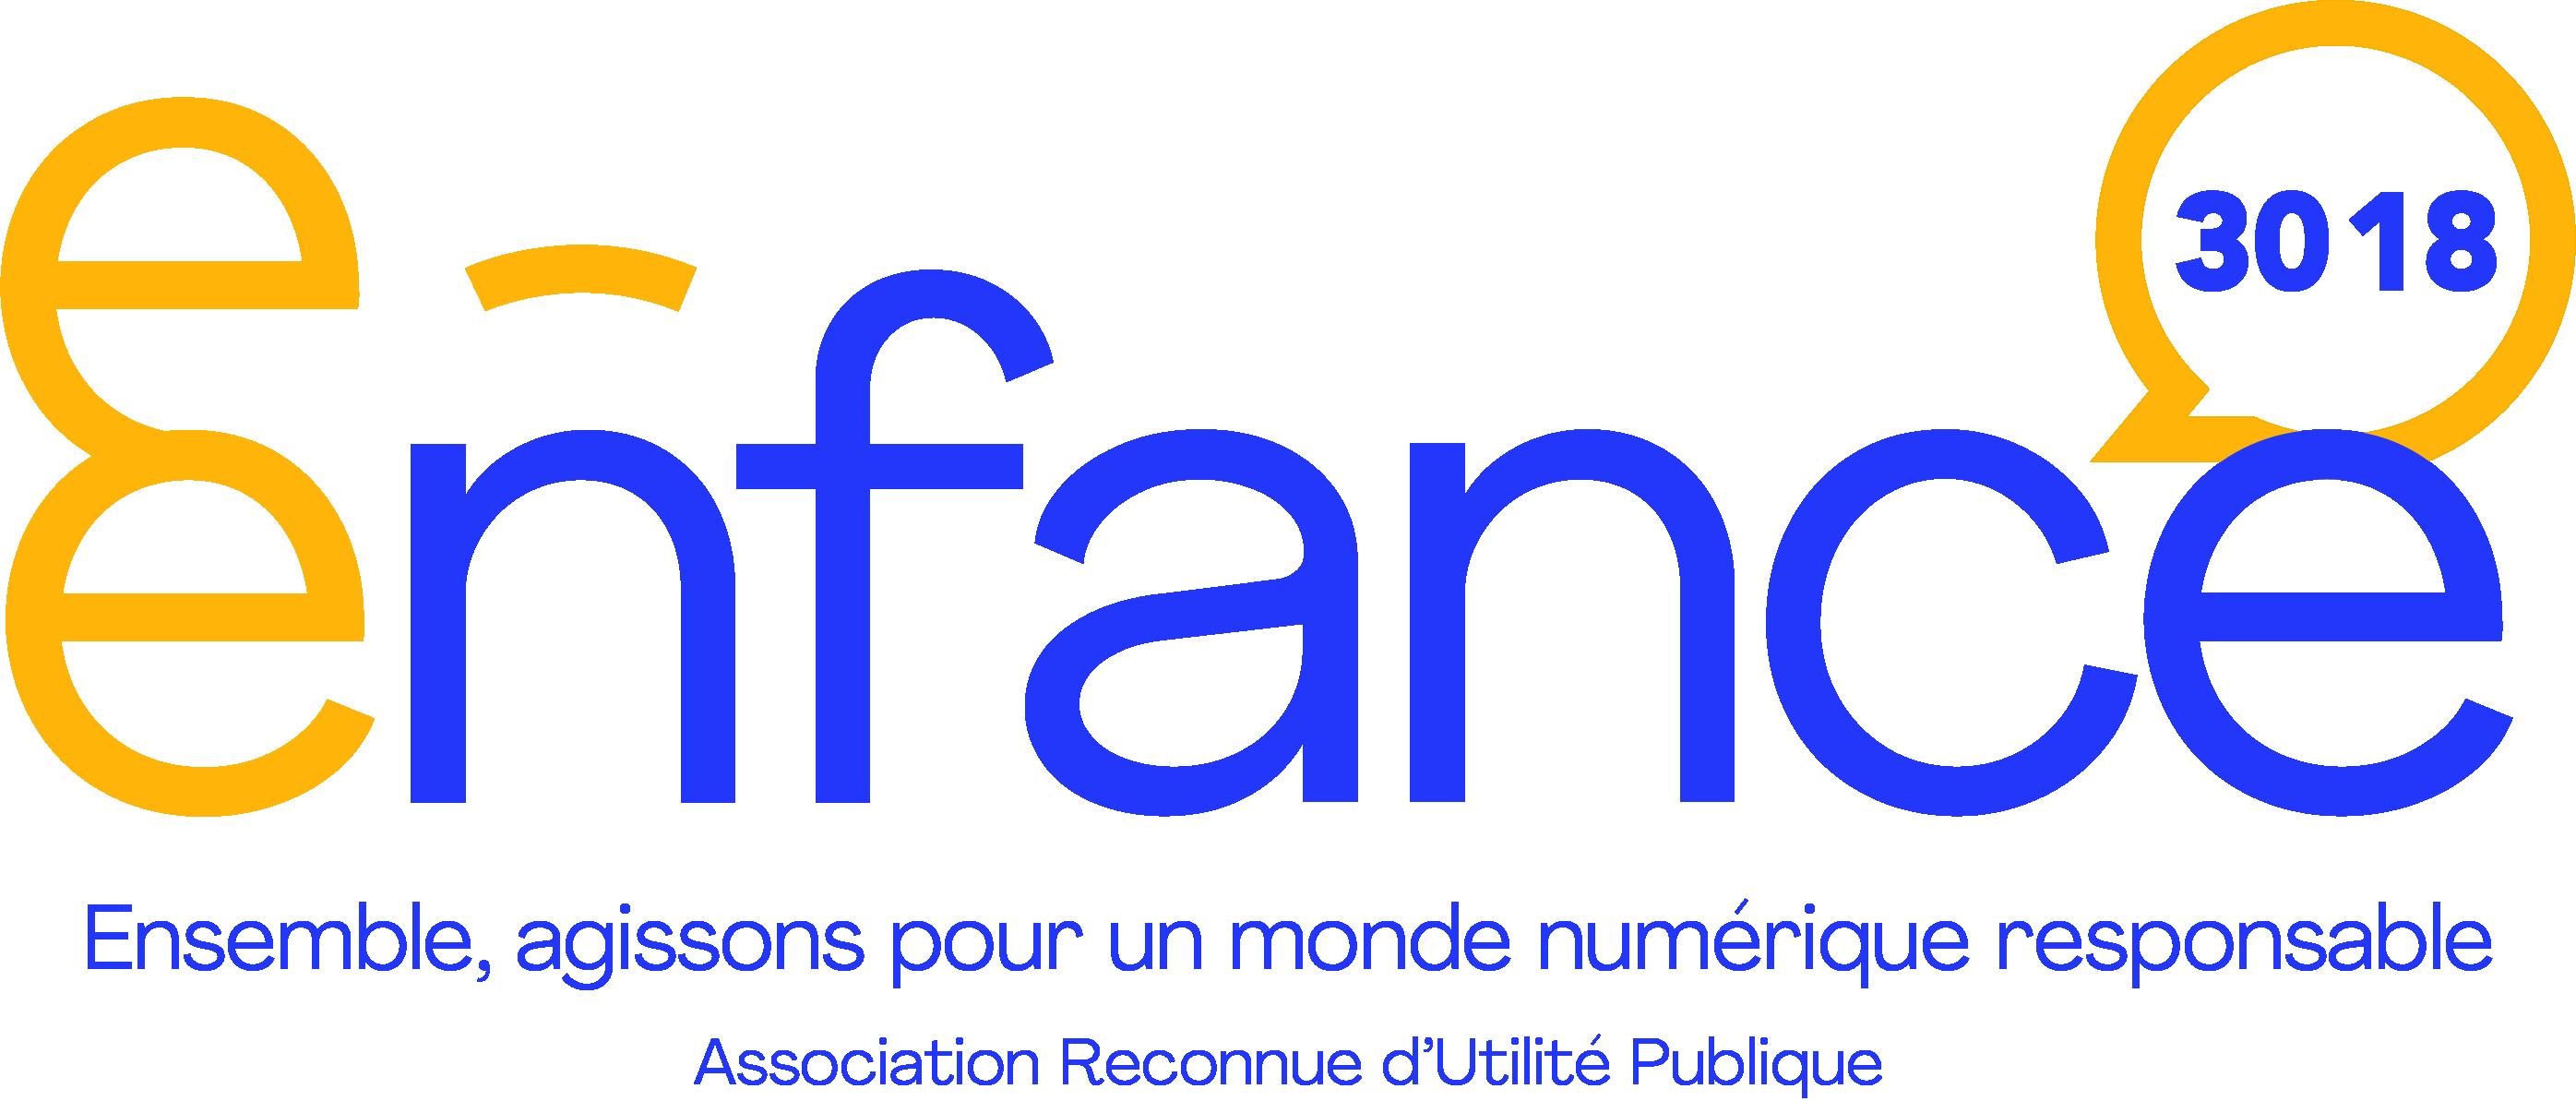 Logo rectangle-e-Enfance3018E